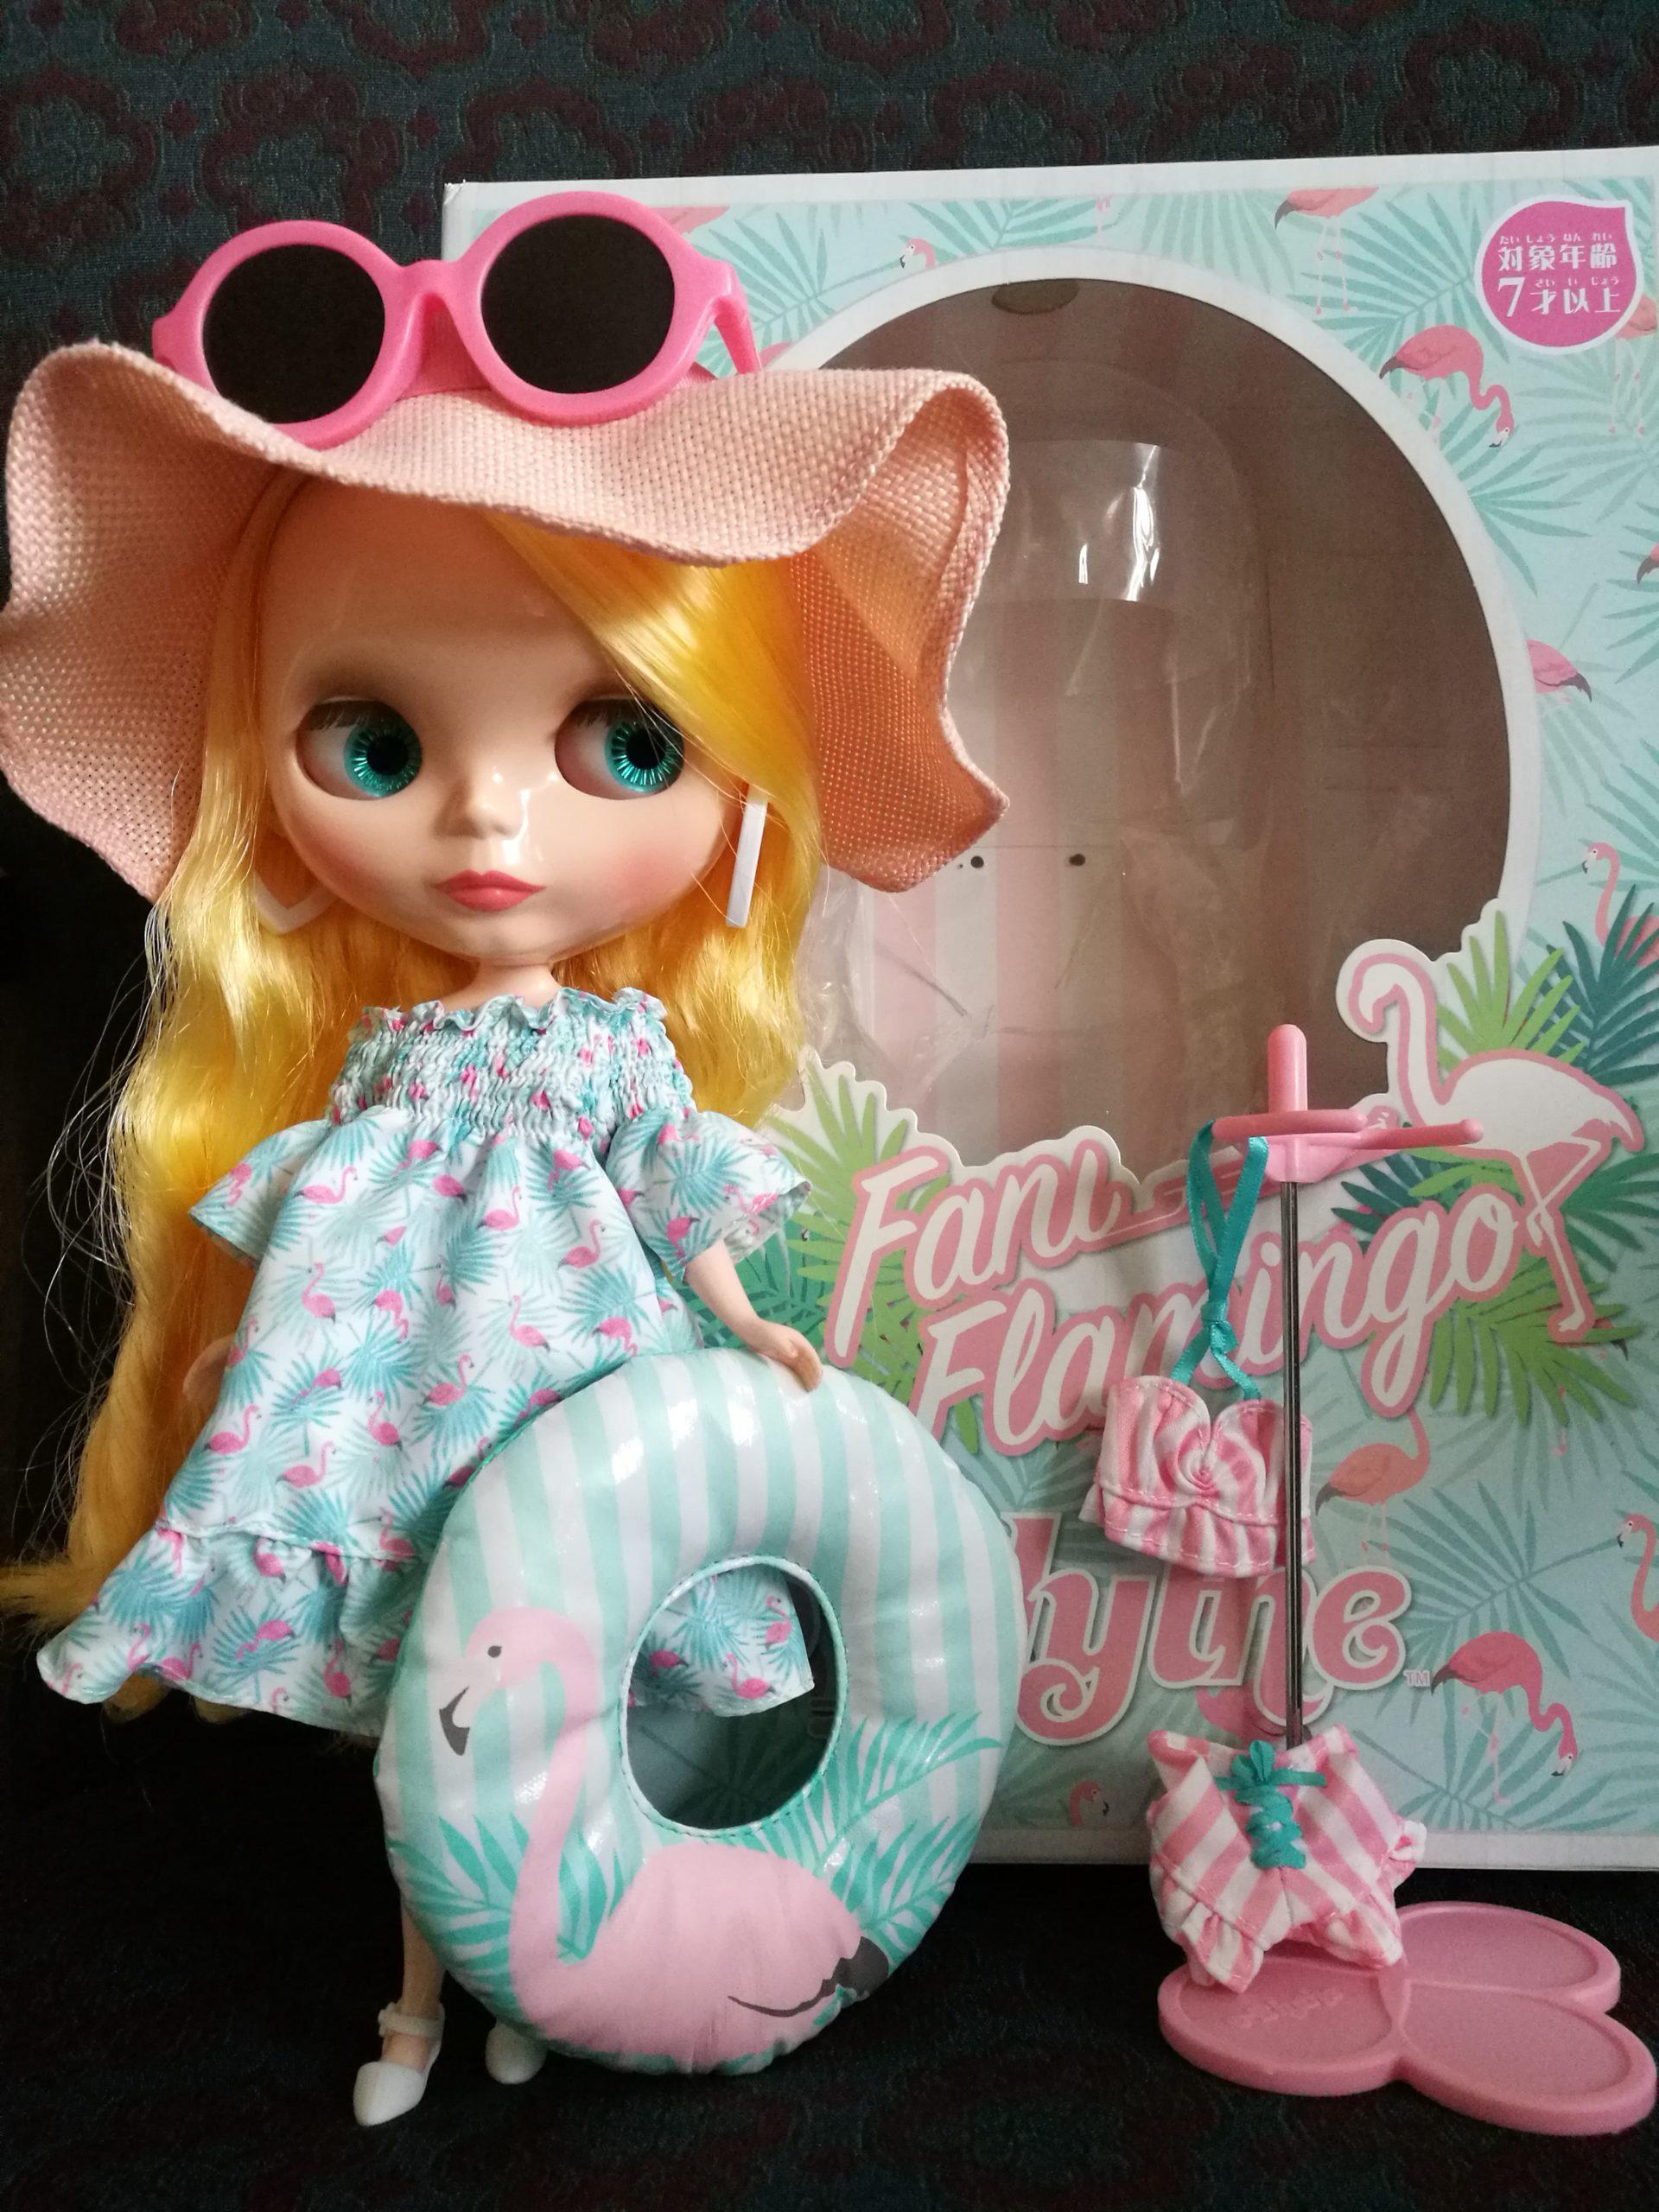 Veronica Flamingo Original Blythe Doll Actual Photo